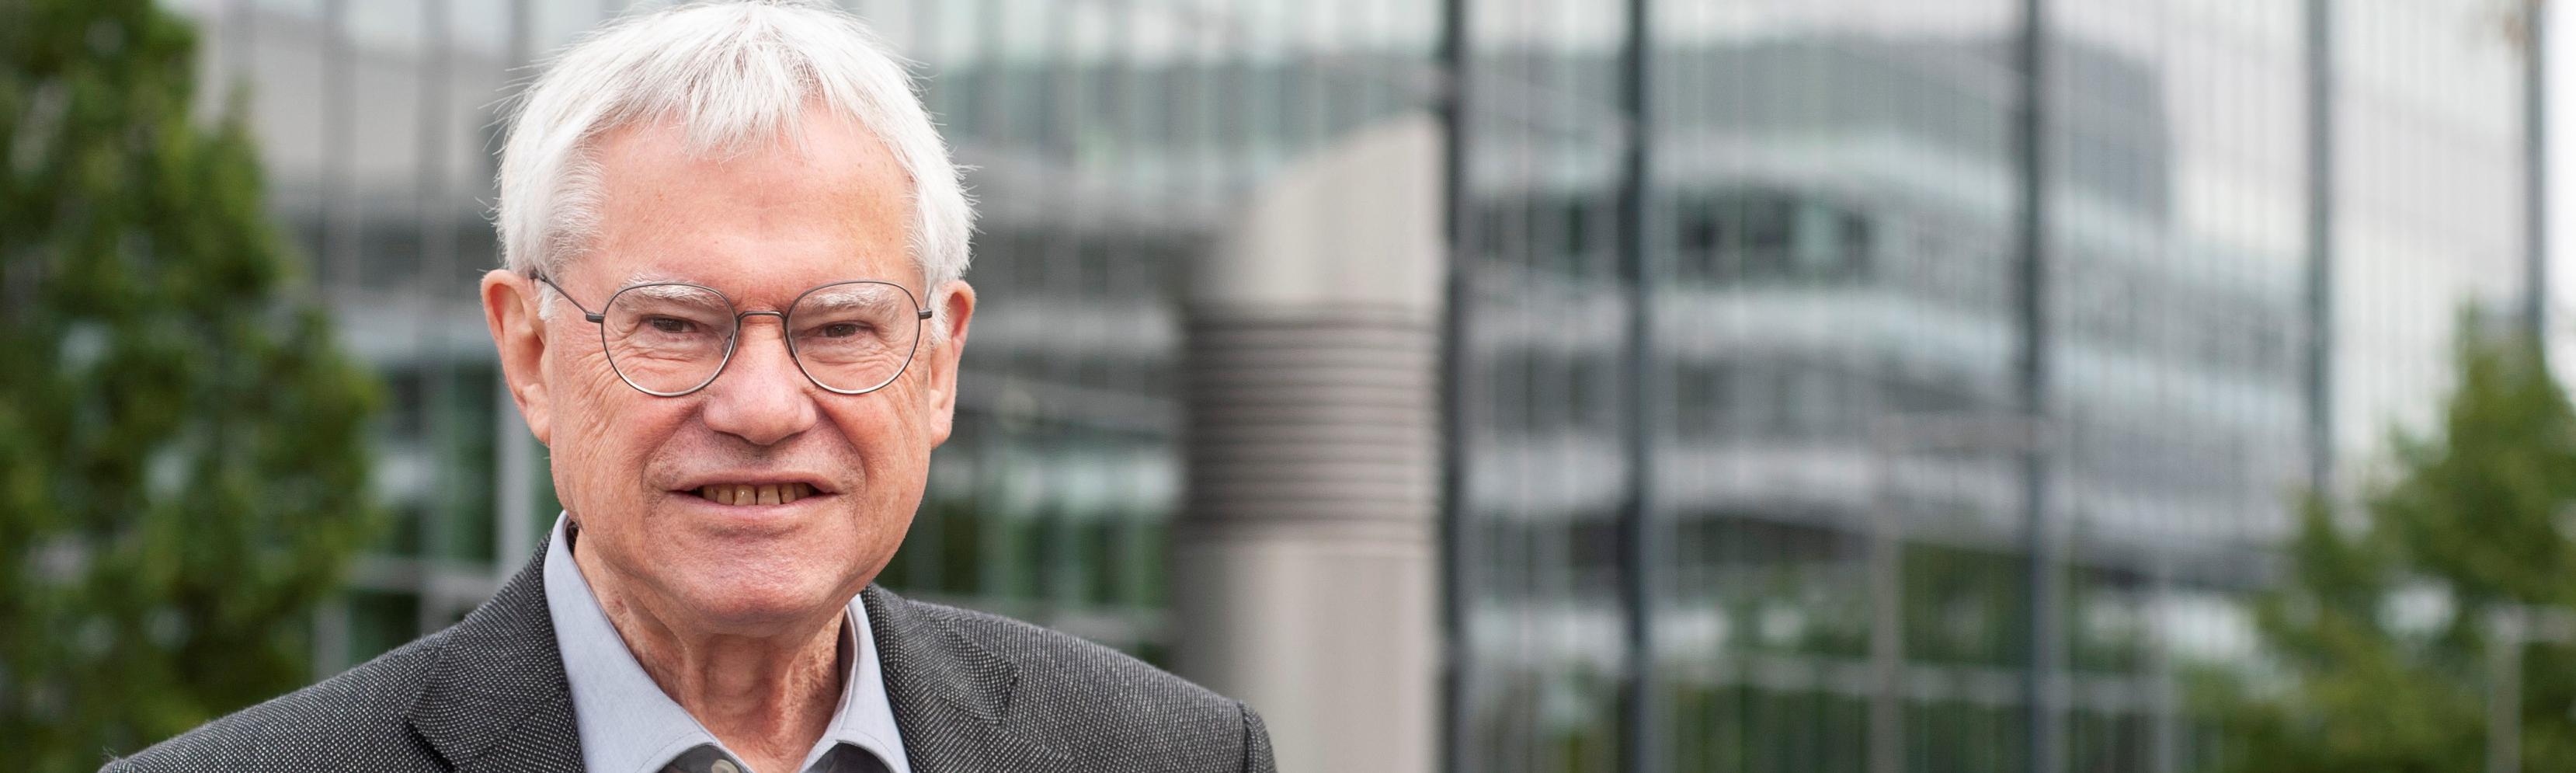 Ehrensenatorwürde für Professor Dr. Alfred Pühler